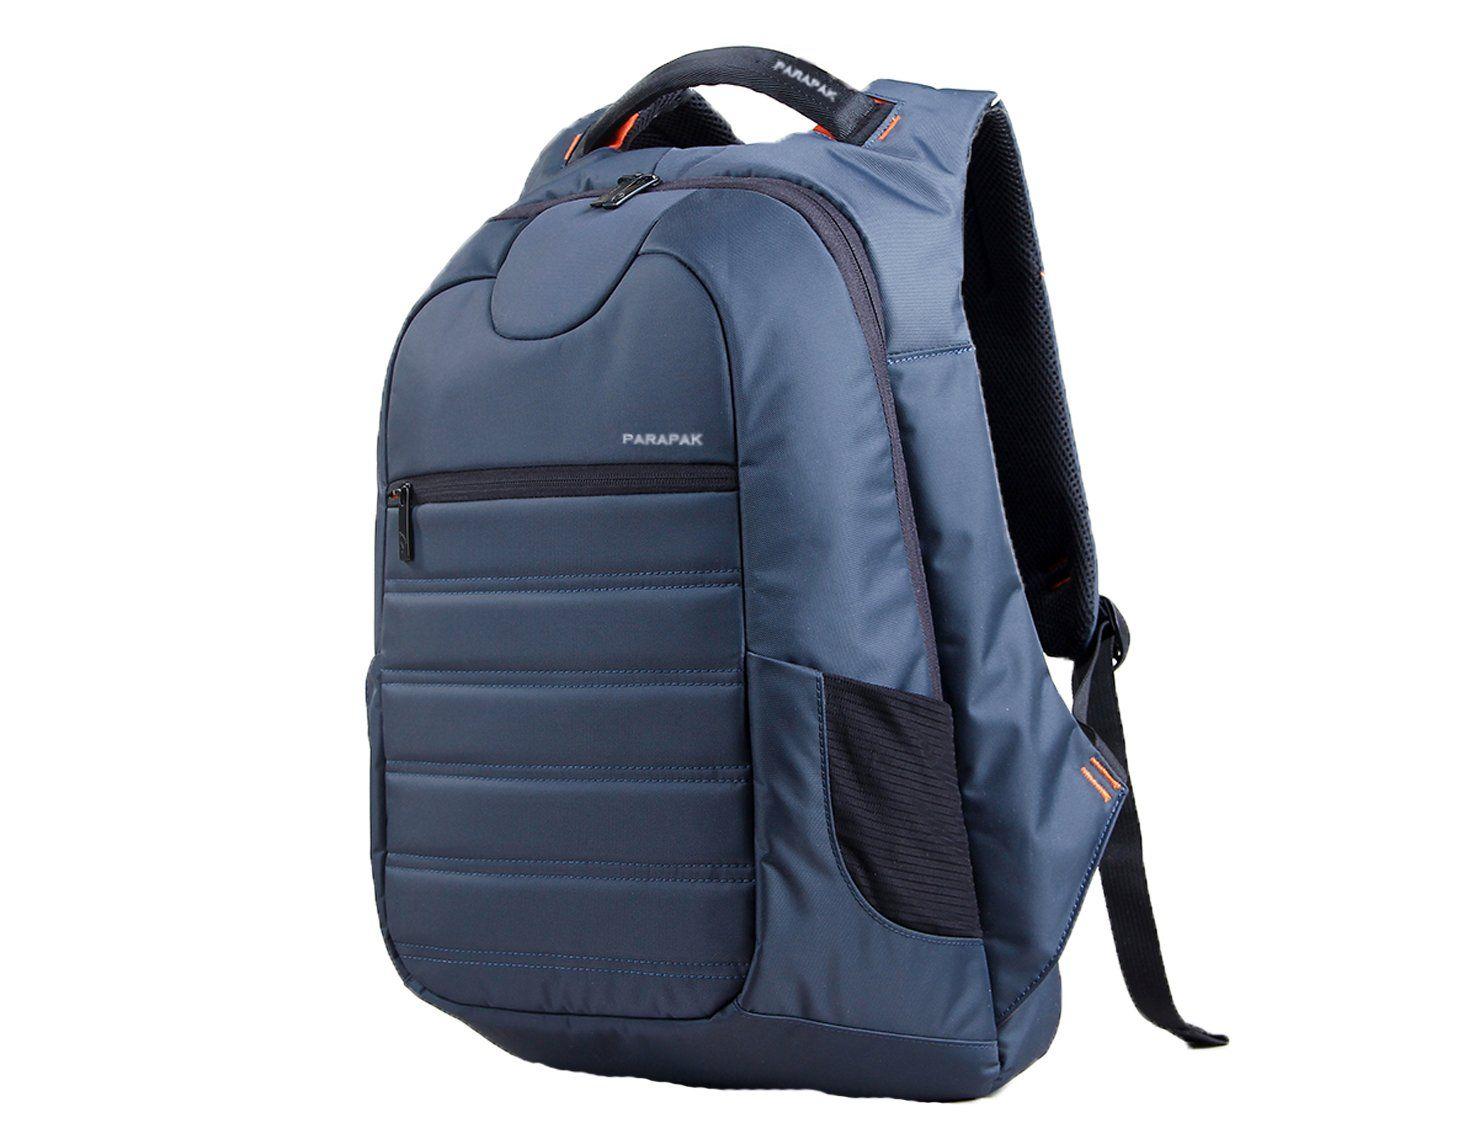 Laptop bags office depot - Parapak Urban Laptop Backpack